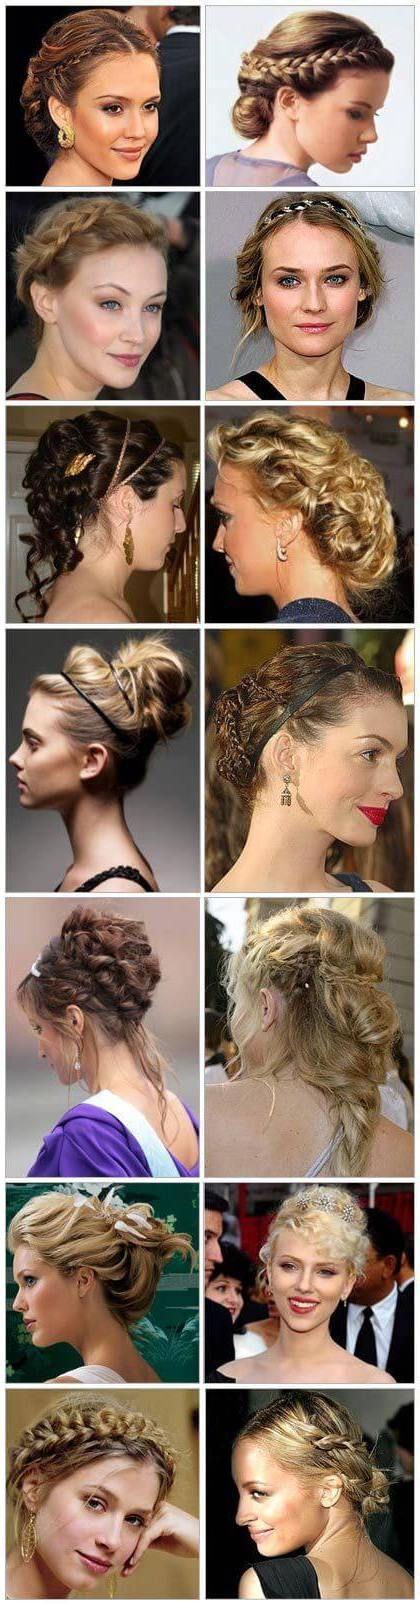 Los peinados romanos de mujer traídos de la antigüedad   Los Peinados